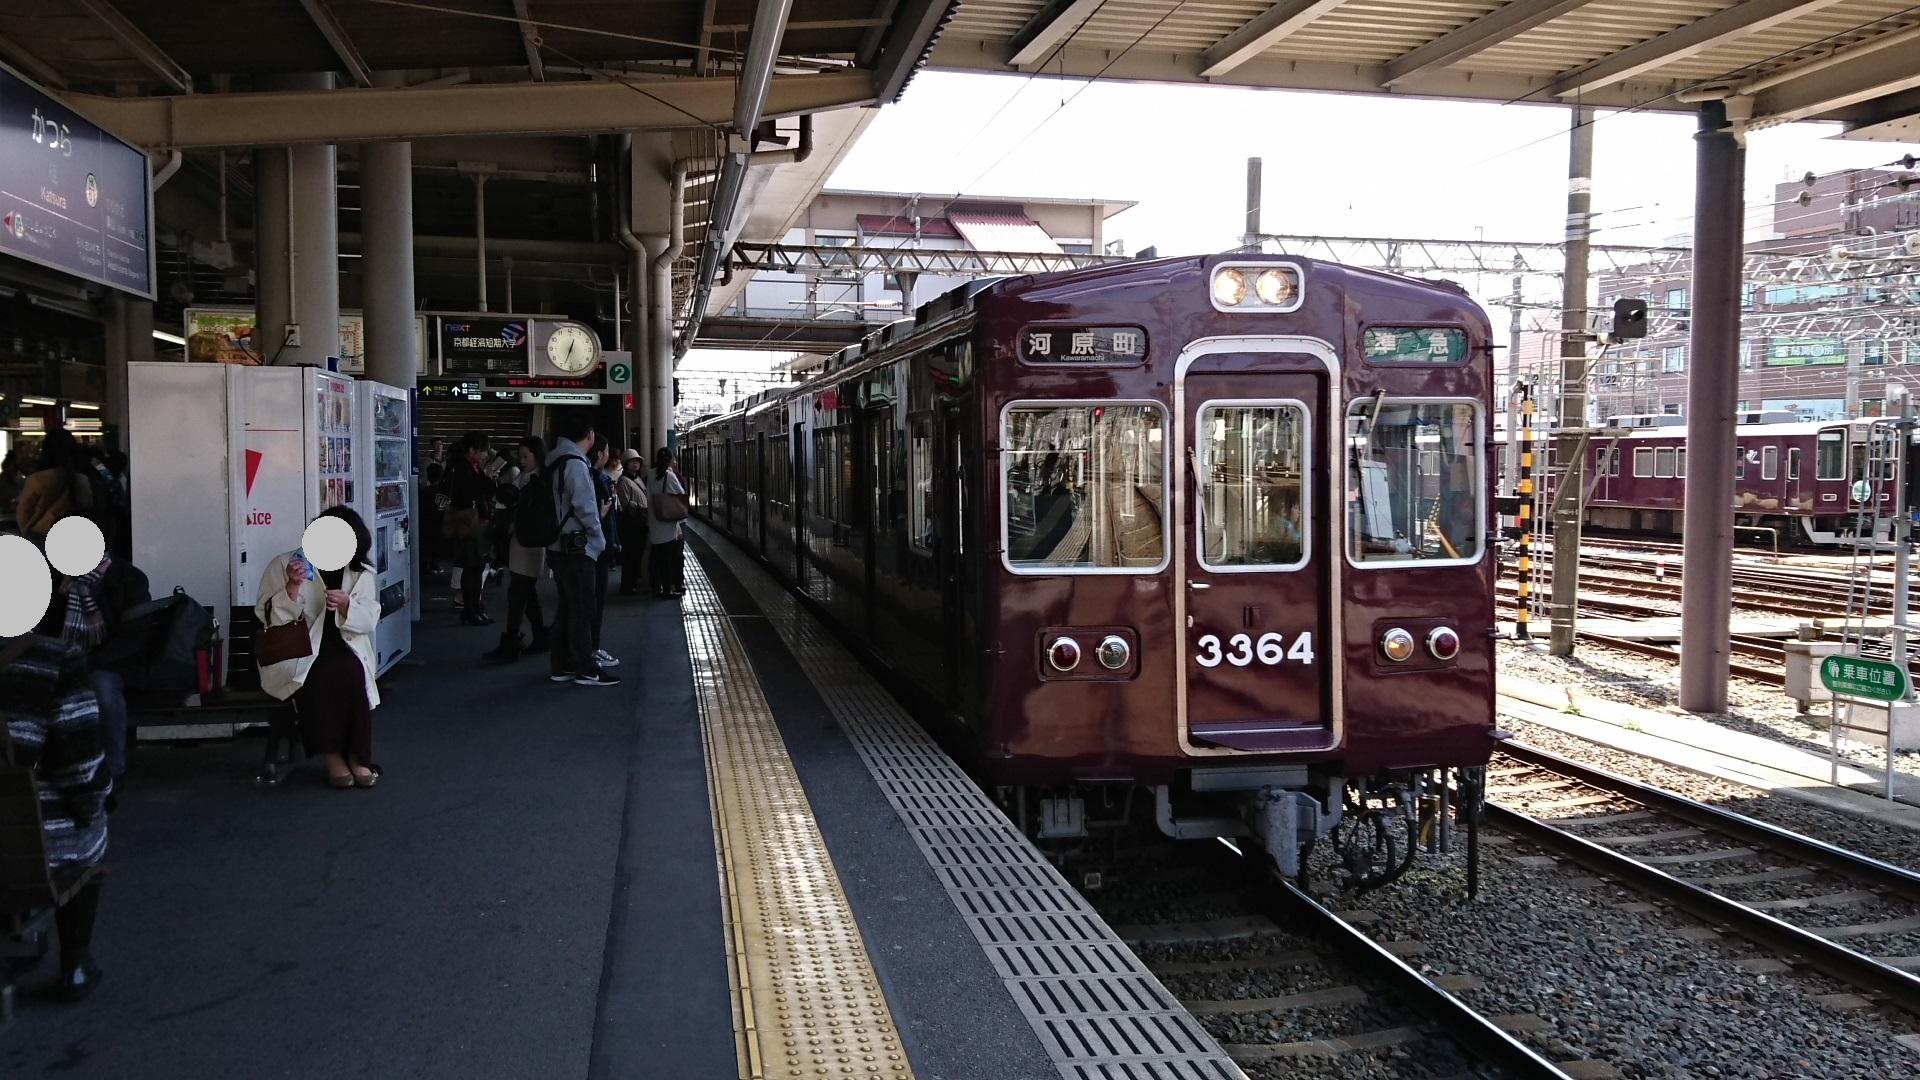 2017.4.2 阪急 (27) 桂 - 河原町いき準急 1920-1080